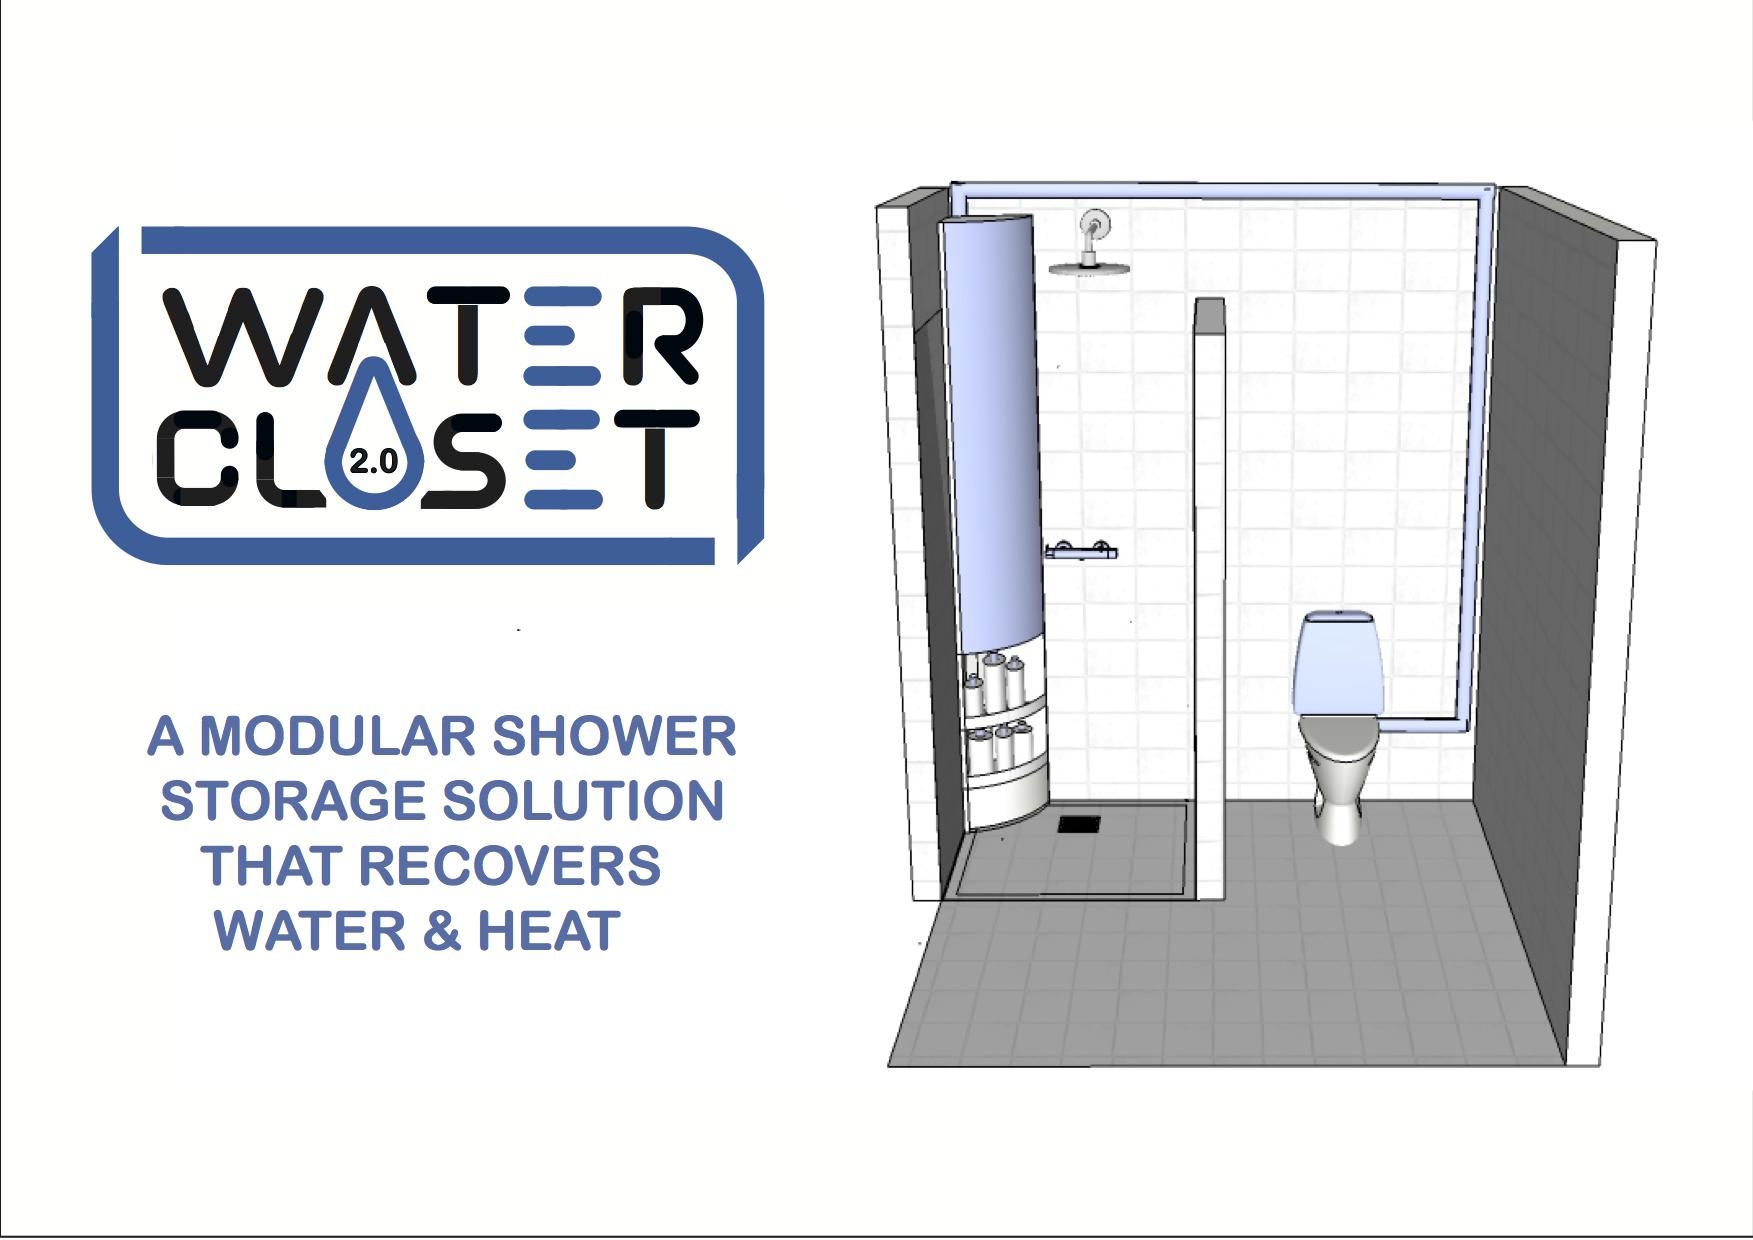 WaterCloset 2.0